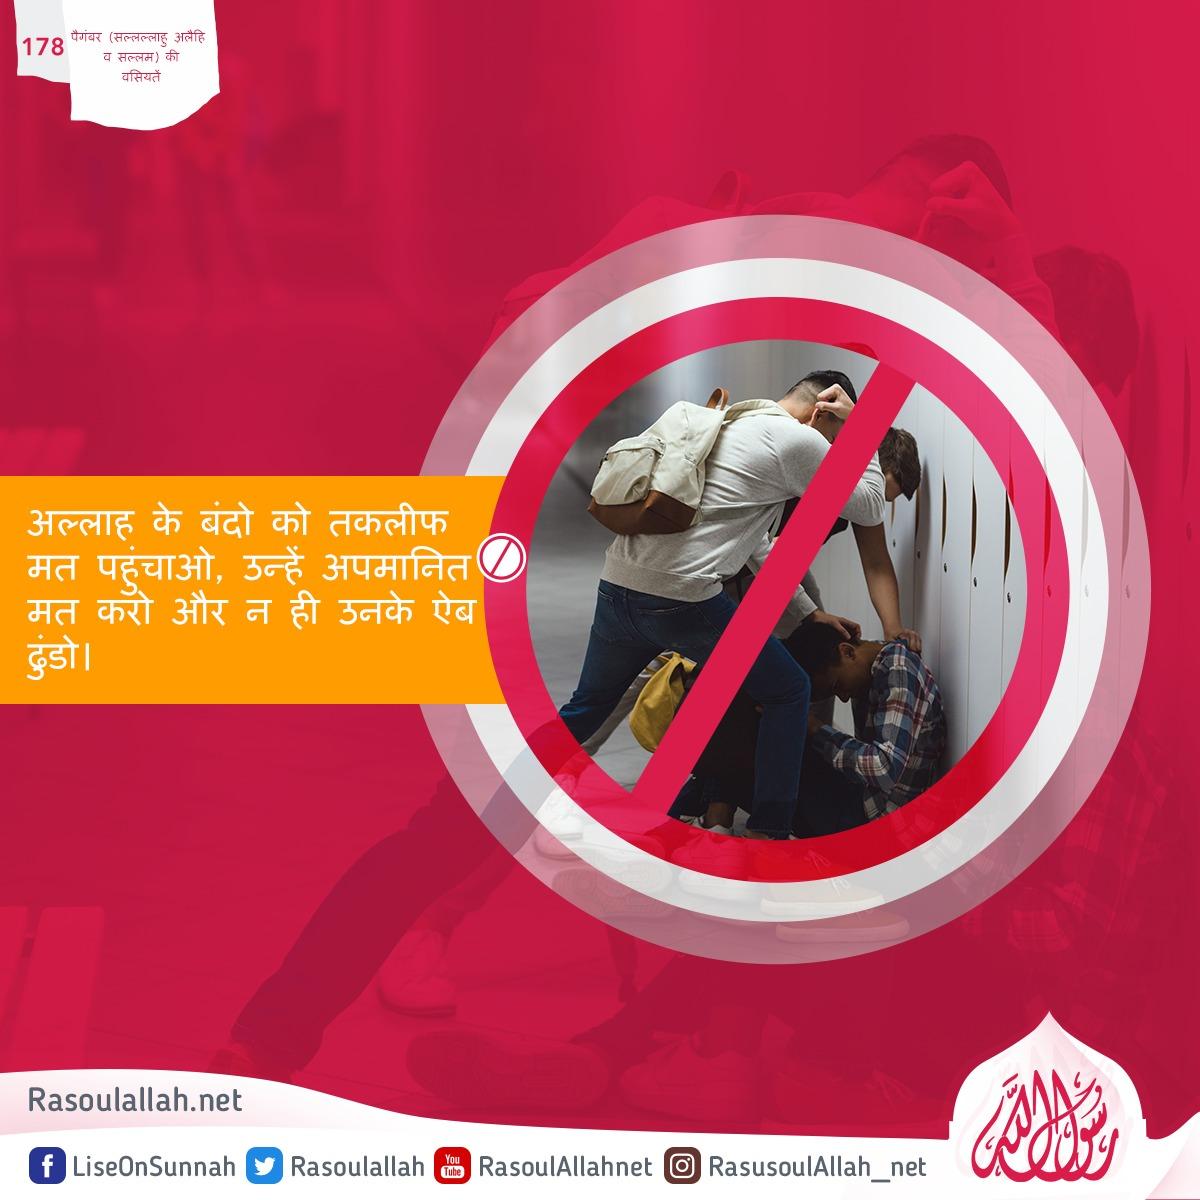 (178) अल्लाह के बंदो को तकलीफ मत पहुंचाओ, उन्हें अपमानित मत करो और न ही उनके ऐब ढुंडो।